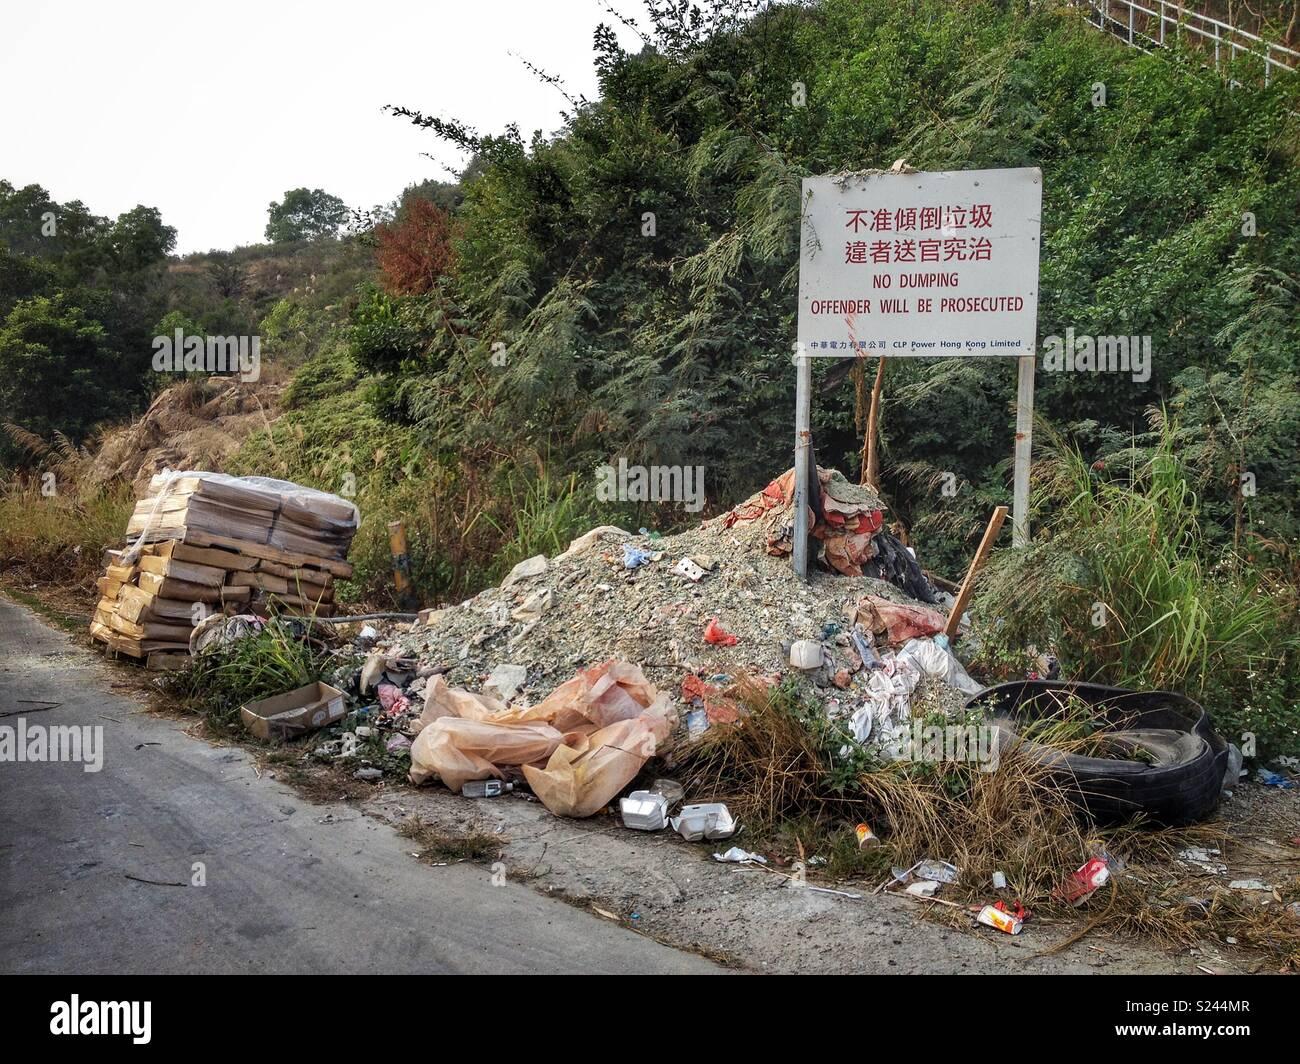 """""""Não bilíngües Dumping"""" em Chinês e Inglês com despejado ilegalmente resíduos de construção e uma palete de peixe podre, perto da West Novos Territórios Aterro, Nim, Wan Tuen Mun, Hong Kong Imagens de Stock"""